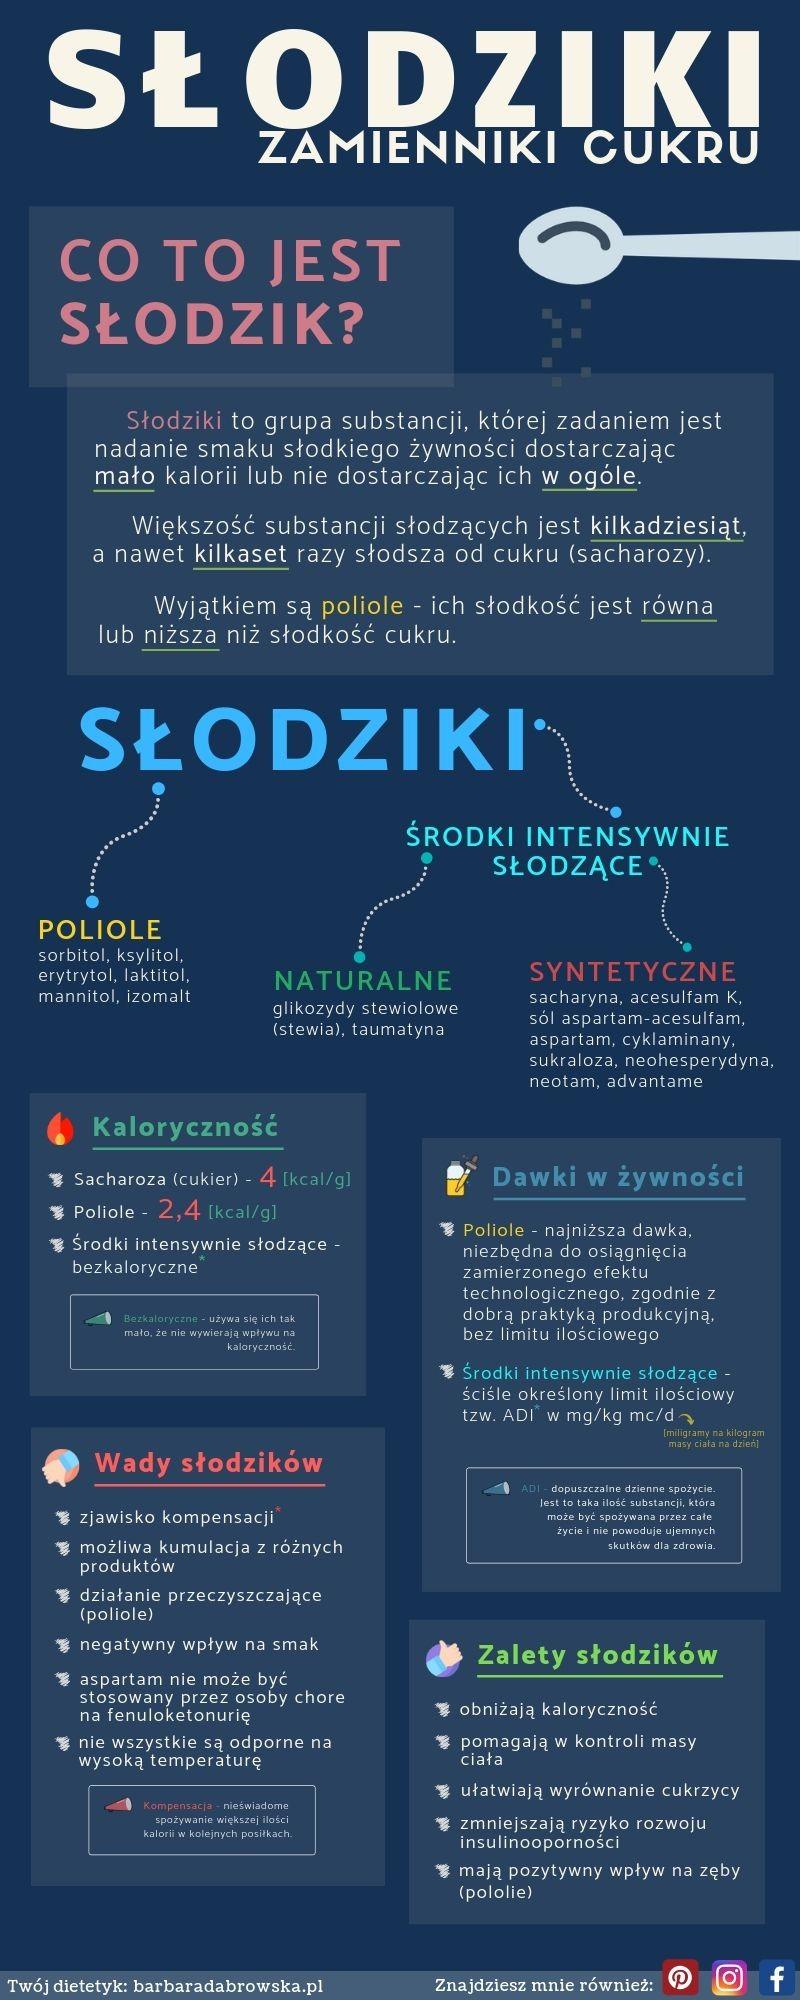 Słodziki - zamienniki cukru - infografika